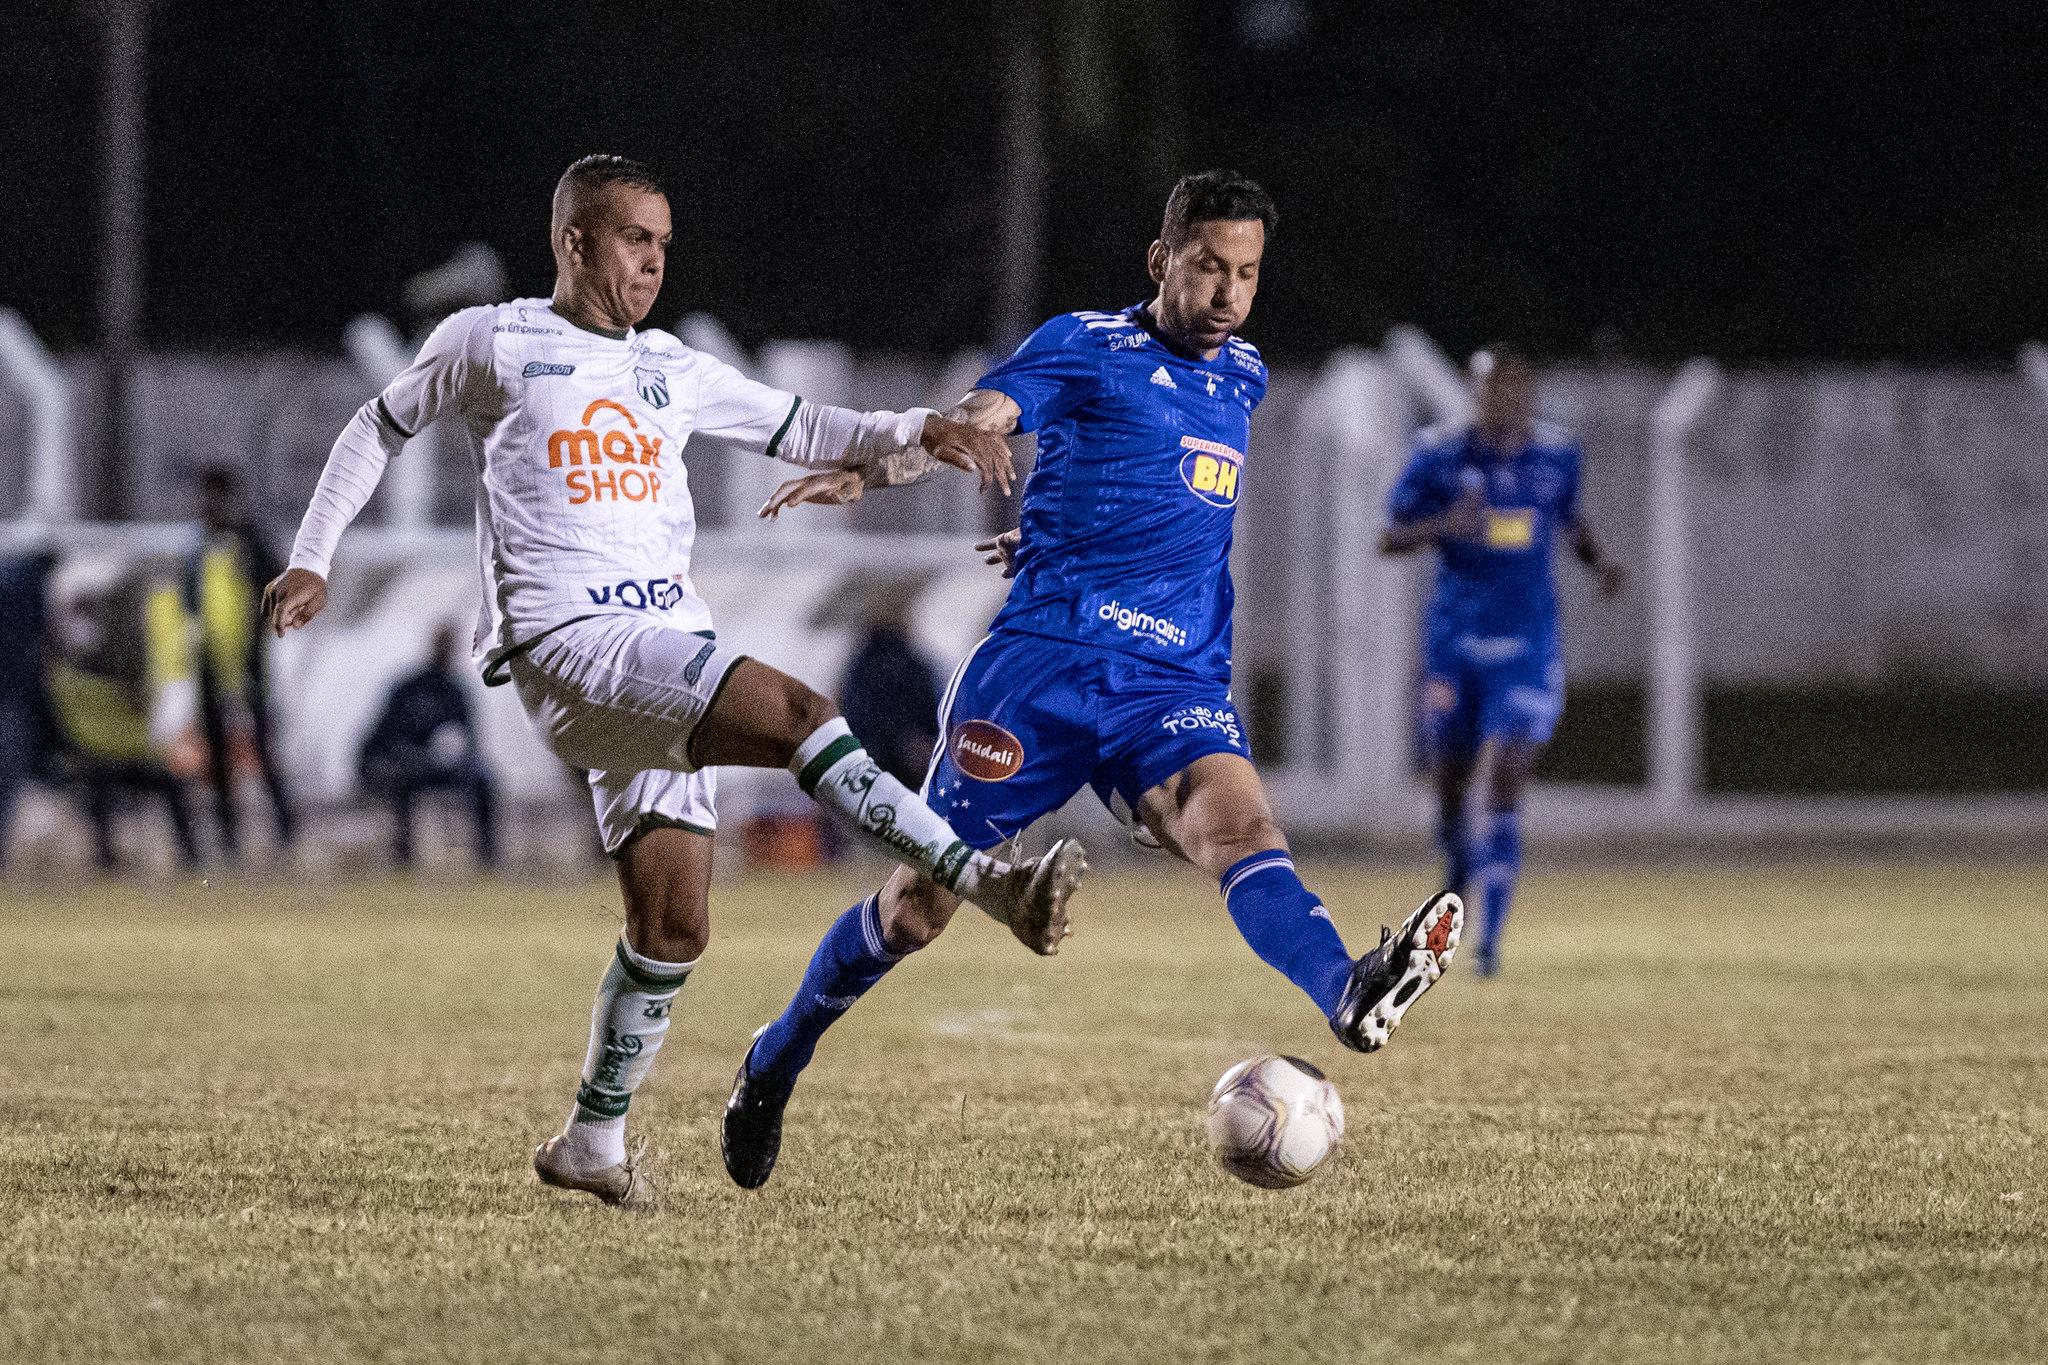 Cruzeiro Vence Mas E Eliminado Do Campeonato Mineiro